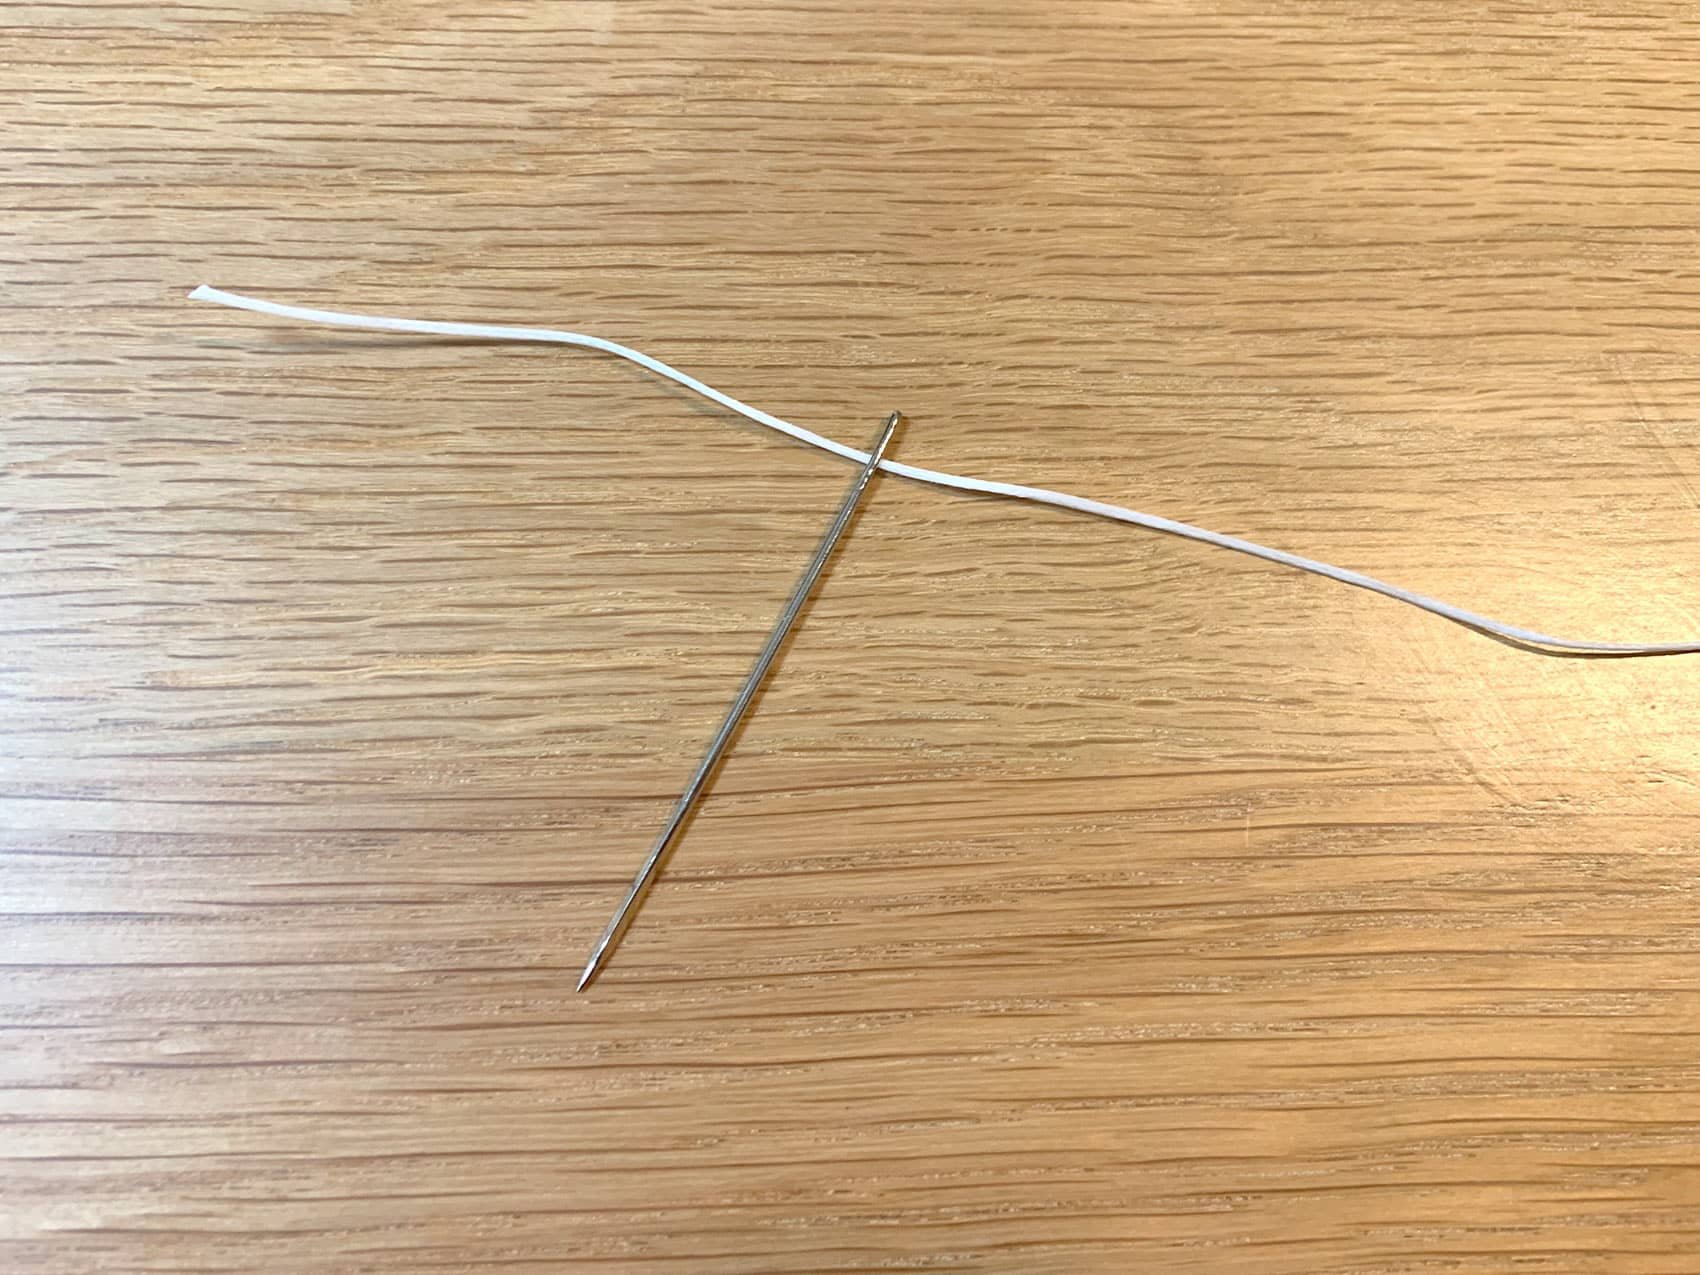 針に糸を通した所